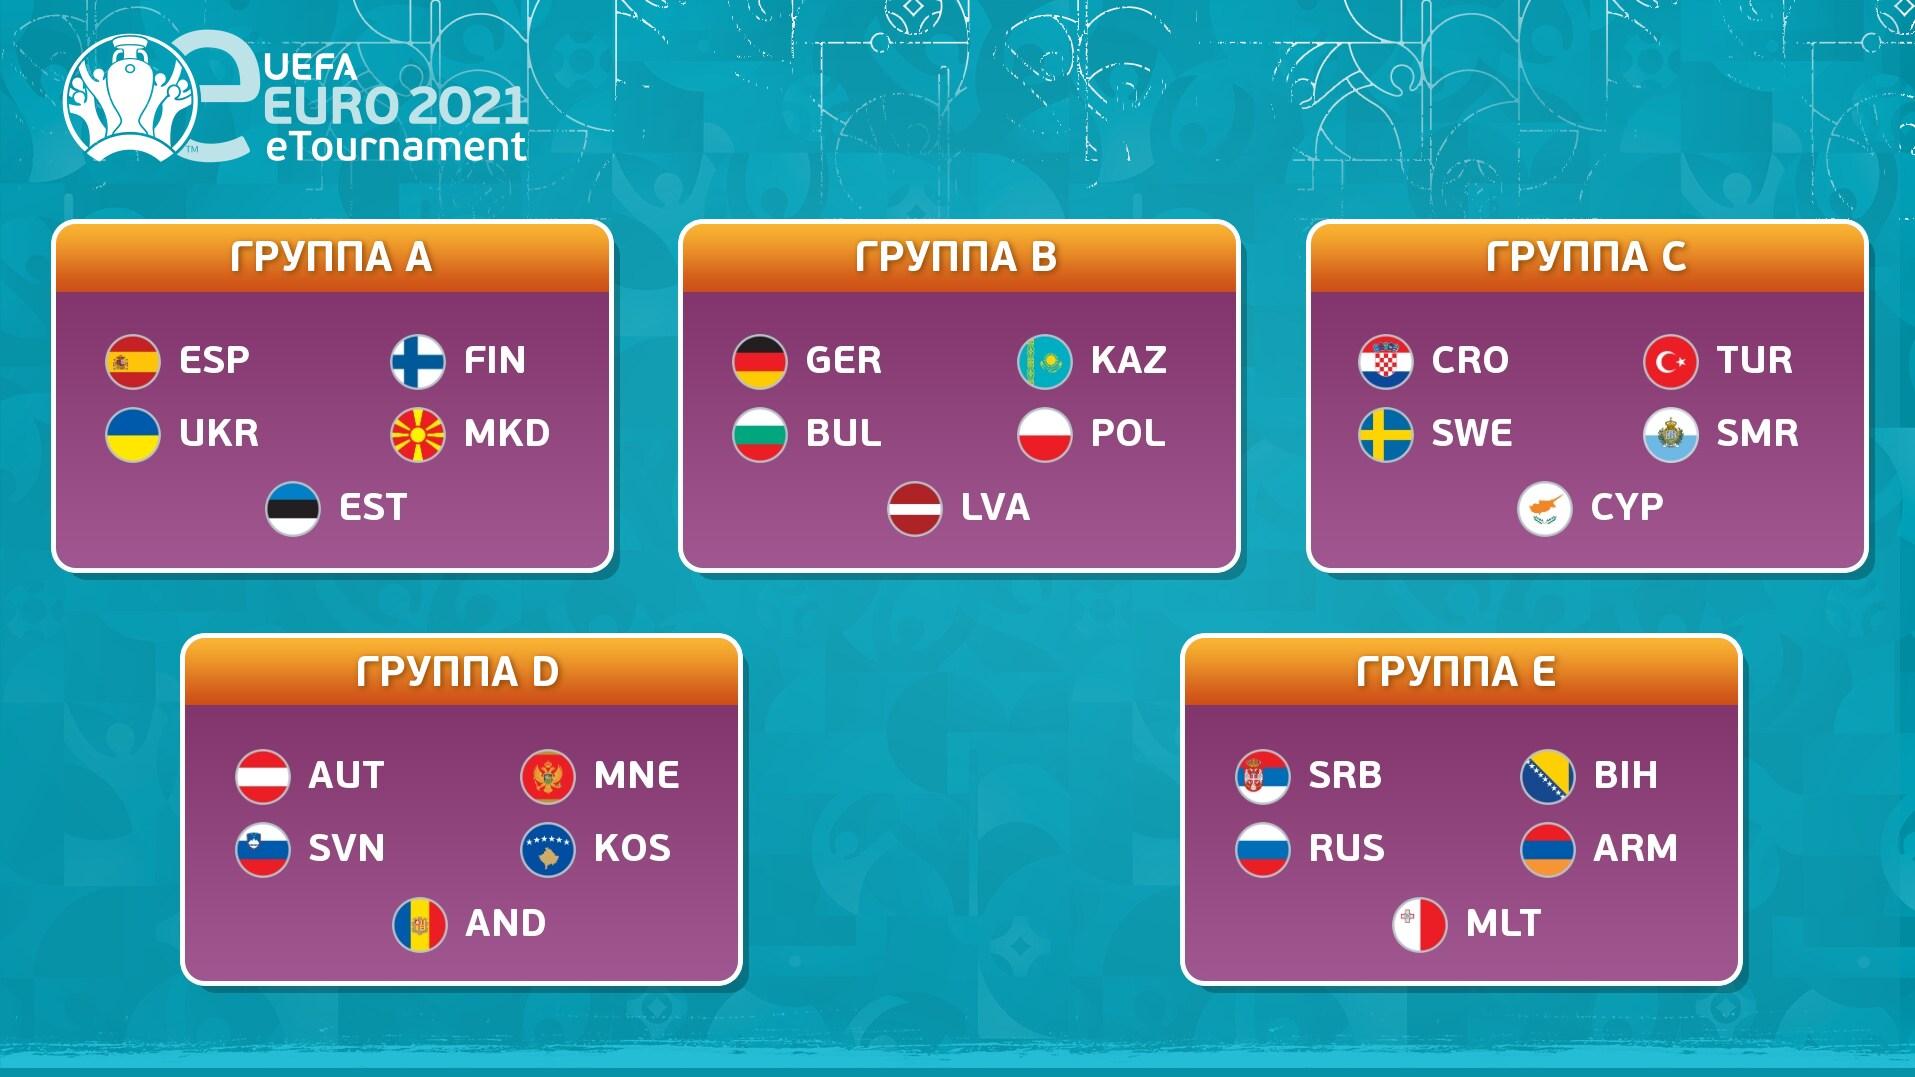 Список участников UEFA e-EURO 2021 и группы